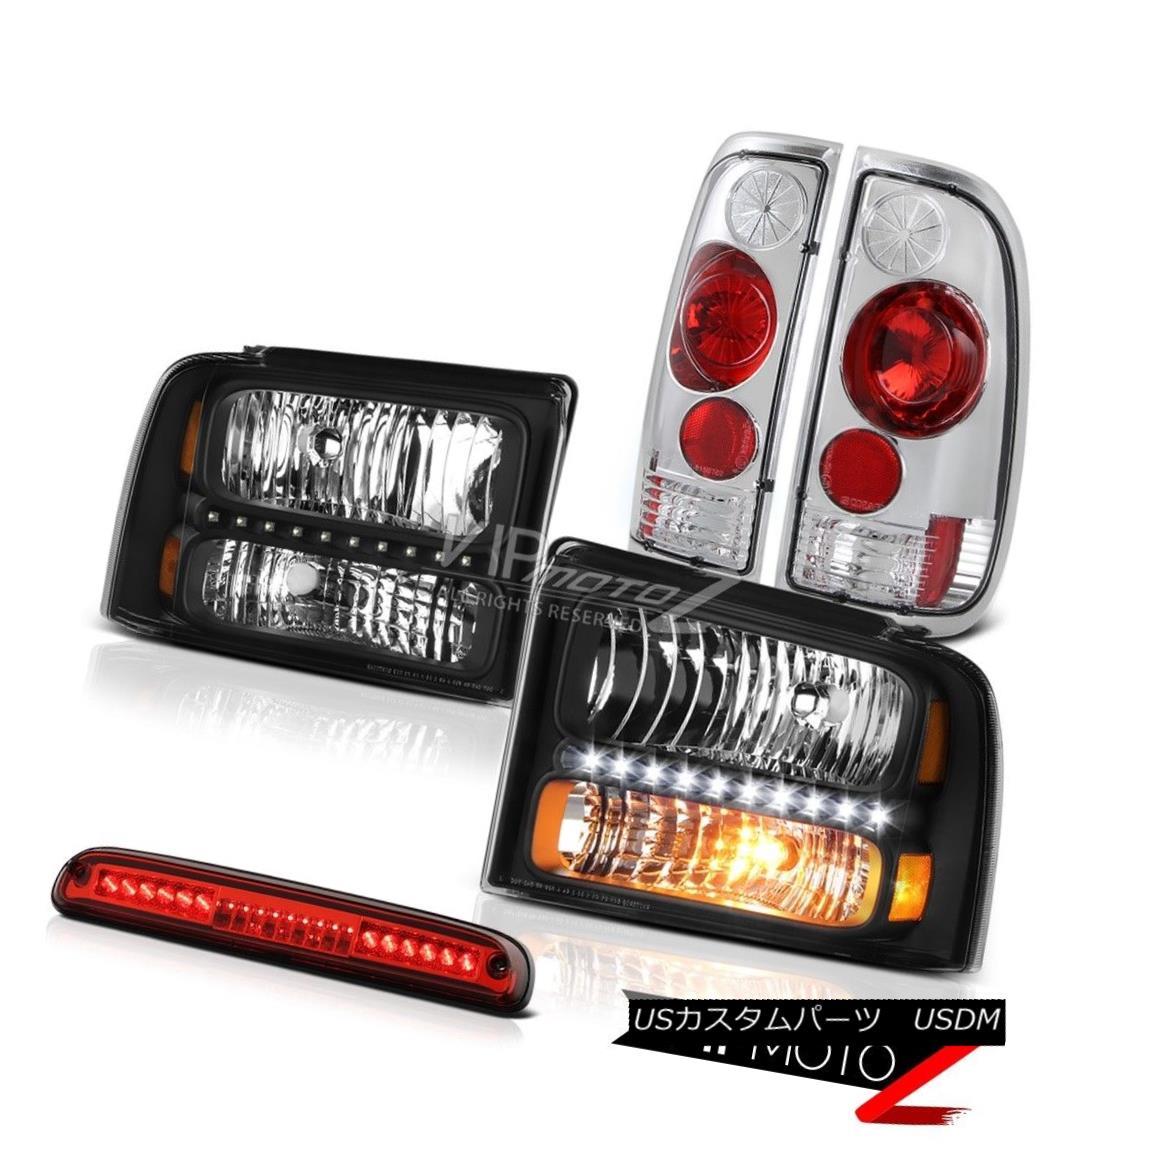 ヘッドライト 2005-2007 F250 Highline Pair Black Headlamps Brake Lamps Tail Light Roof LED Red 2005-2007 F250ハイライトペアブラックヘッドランプブレーキランプテールライトルーフLEDレッド